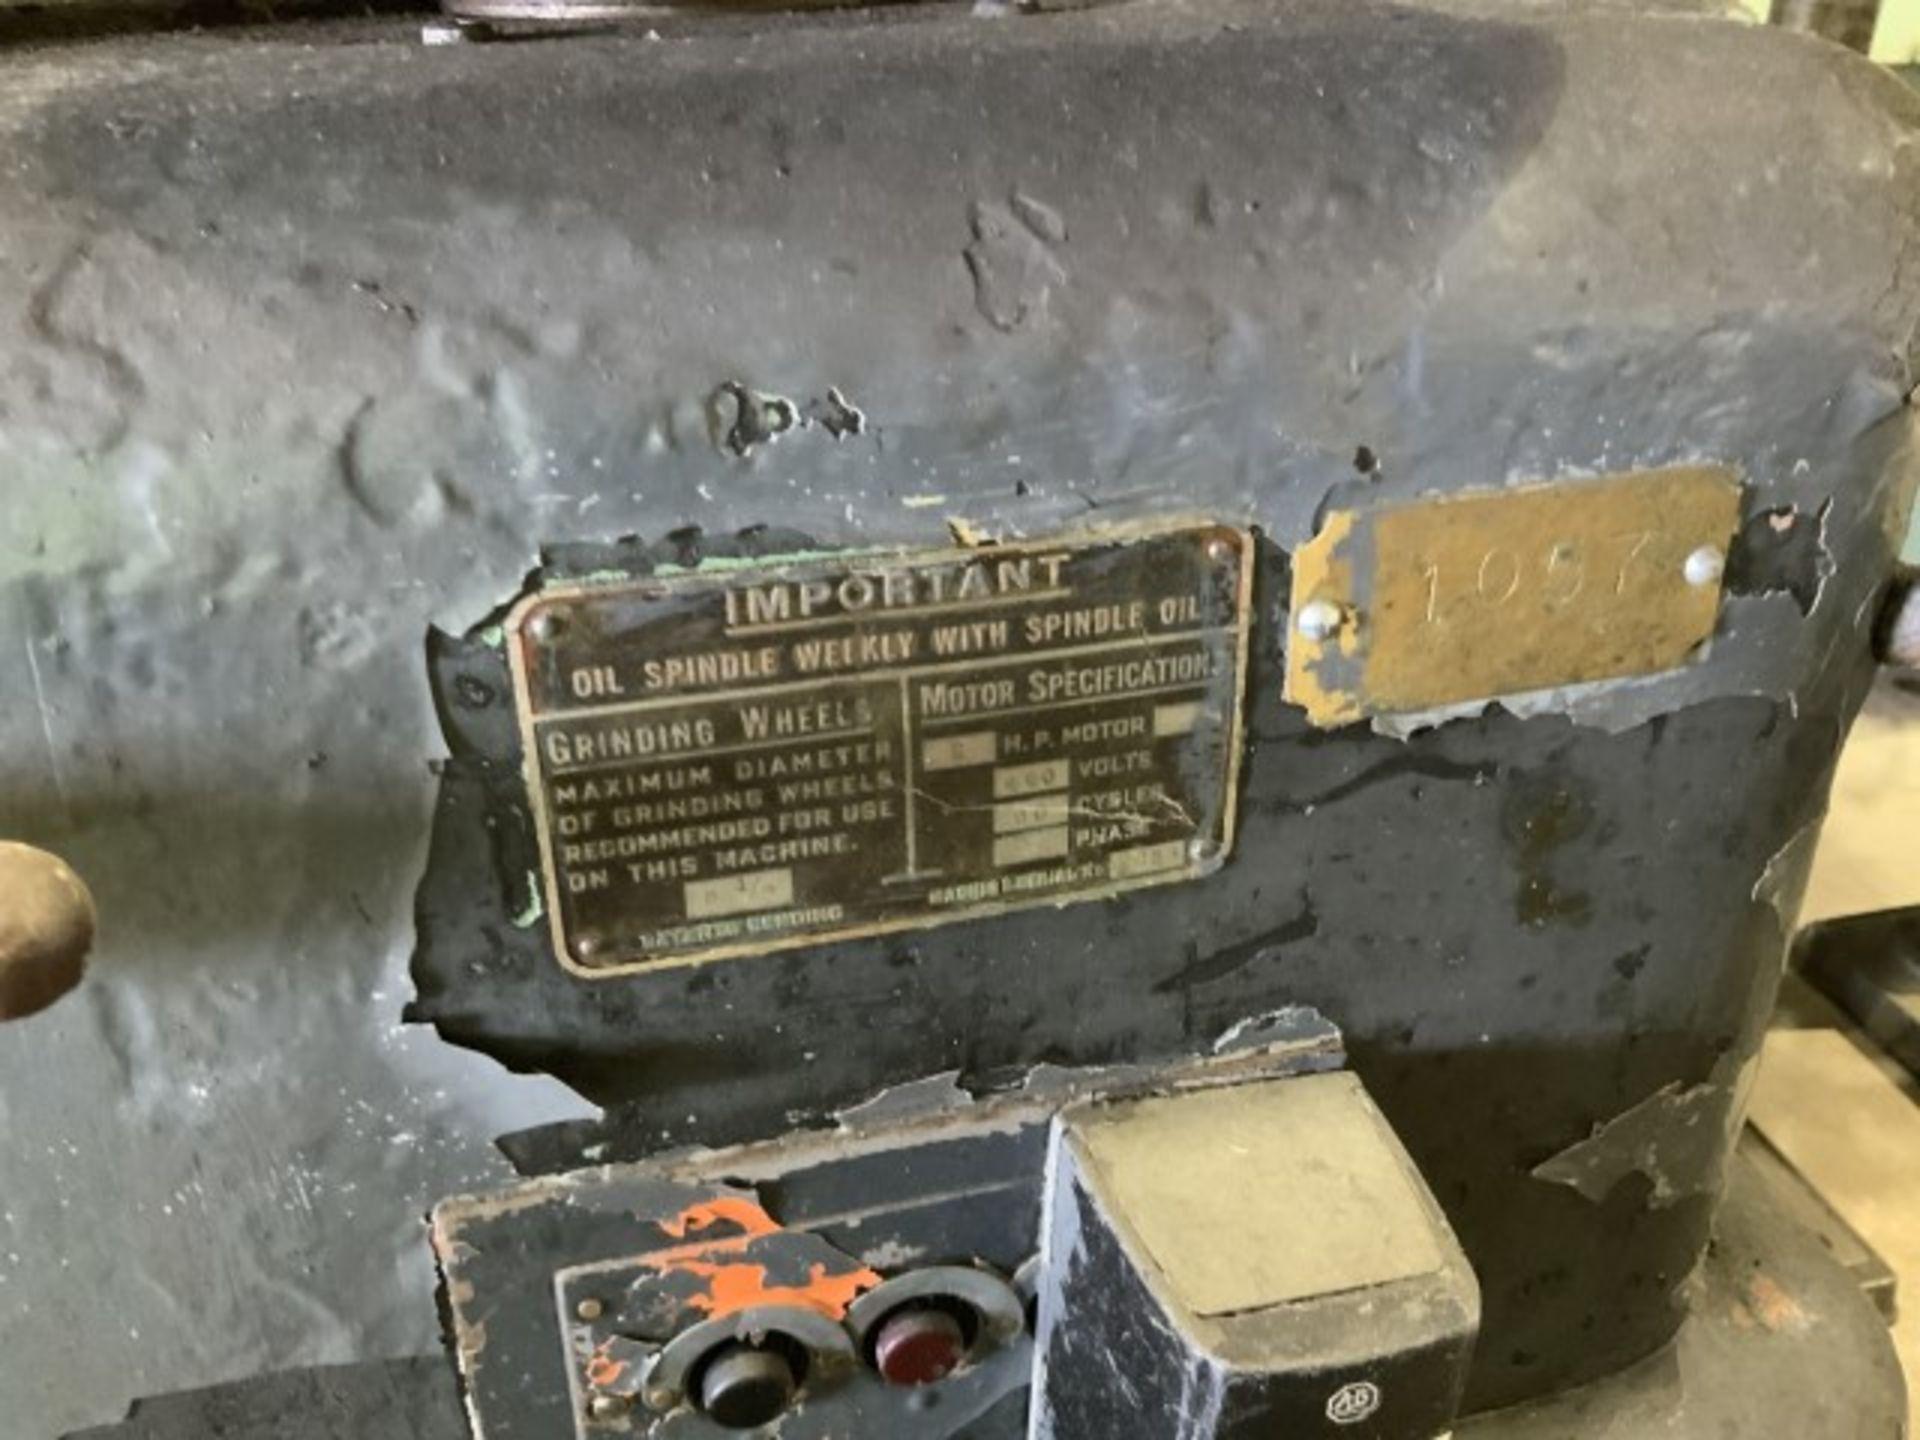 Profile grinder - Image 3 of 3